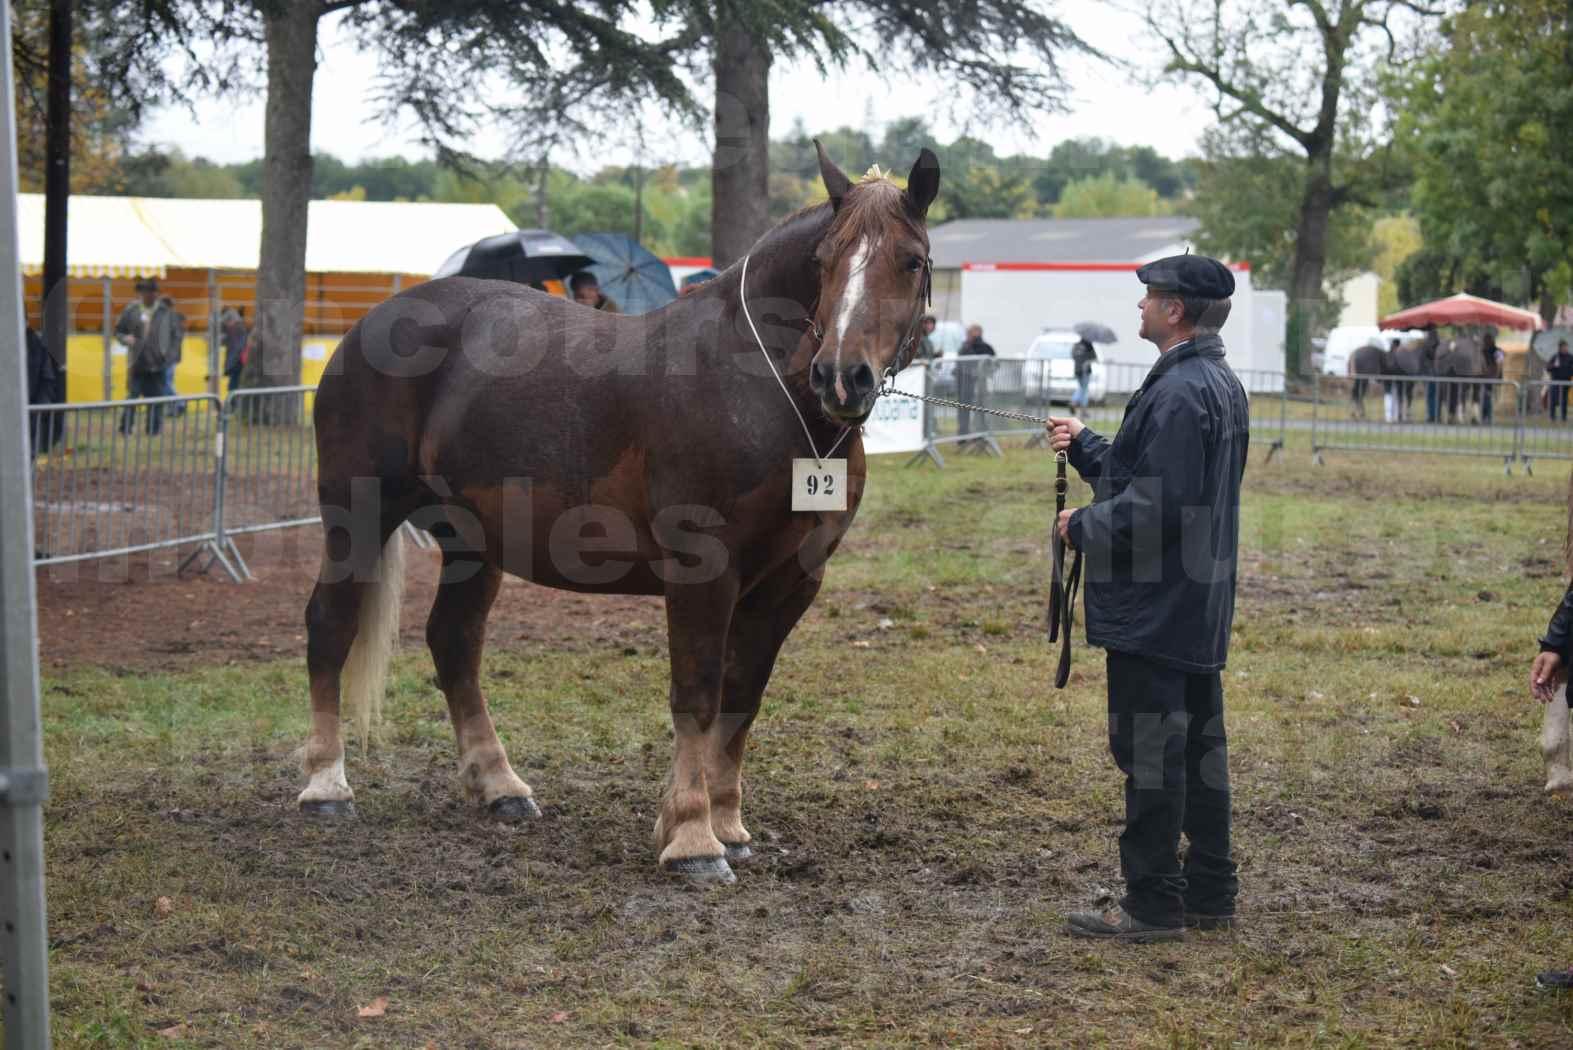 Concours Régional de chevaux de traits en 2017 - Jument Suitée - Trait BRETON - URIELLE DE LA MARGUE - 06